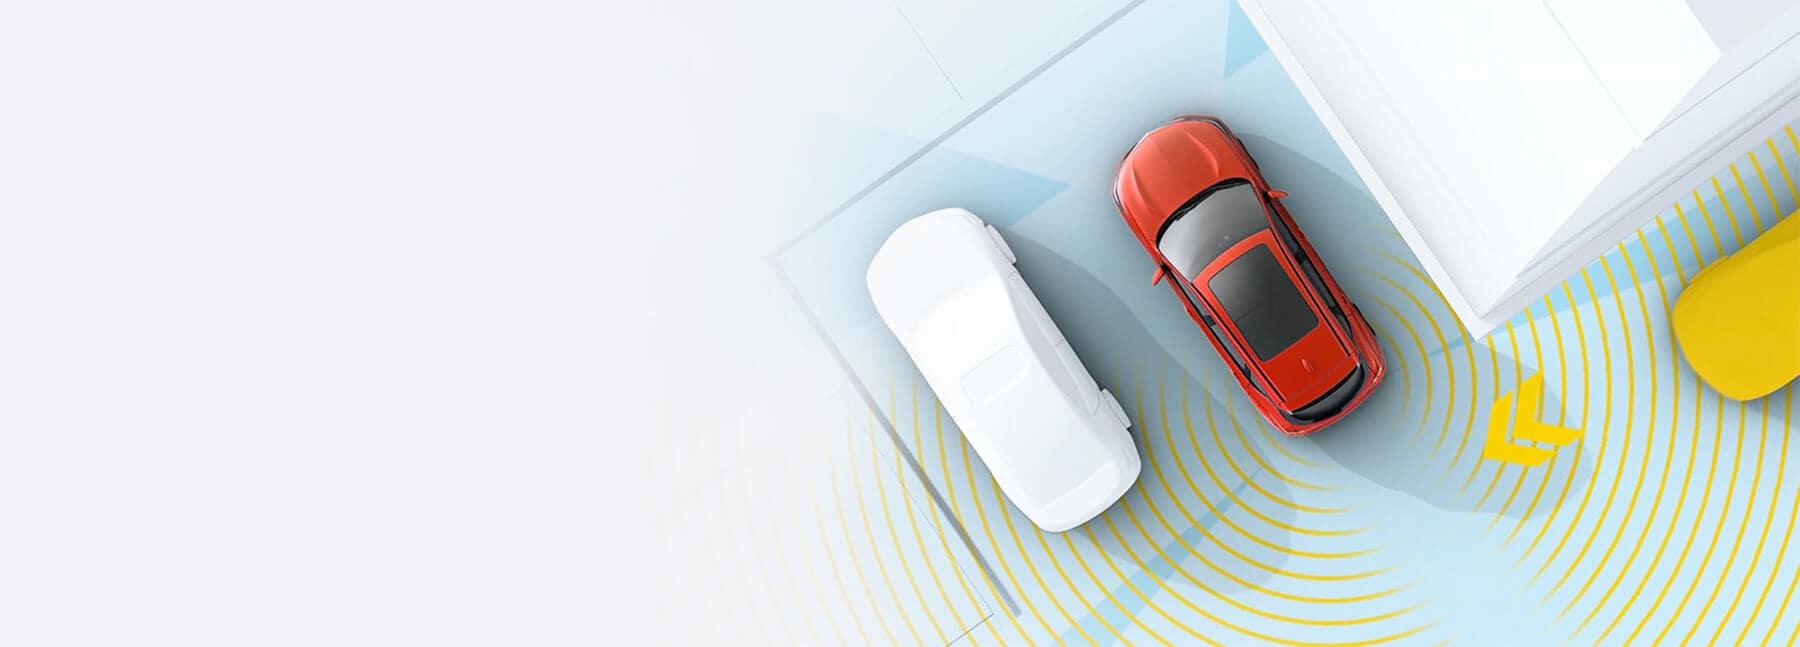 AcuraWatch Vern Eide Acura Slider